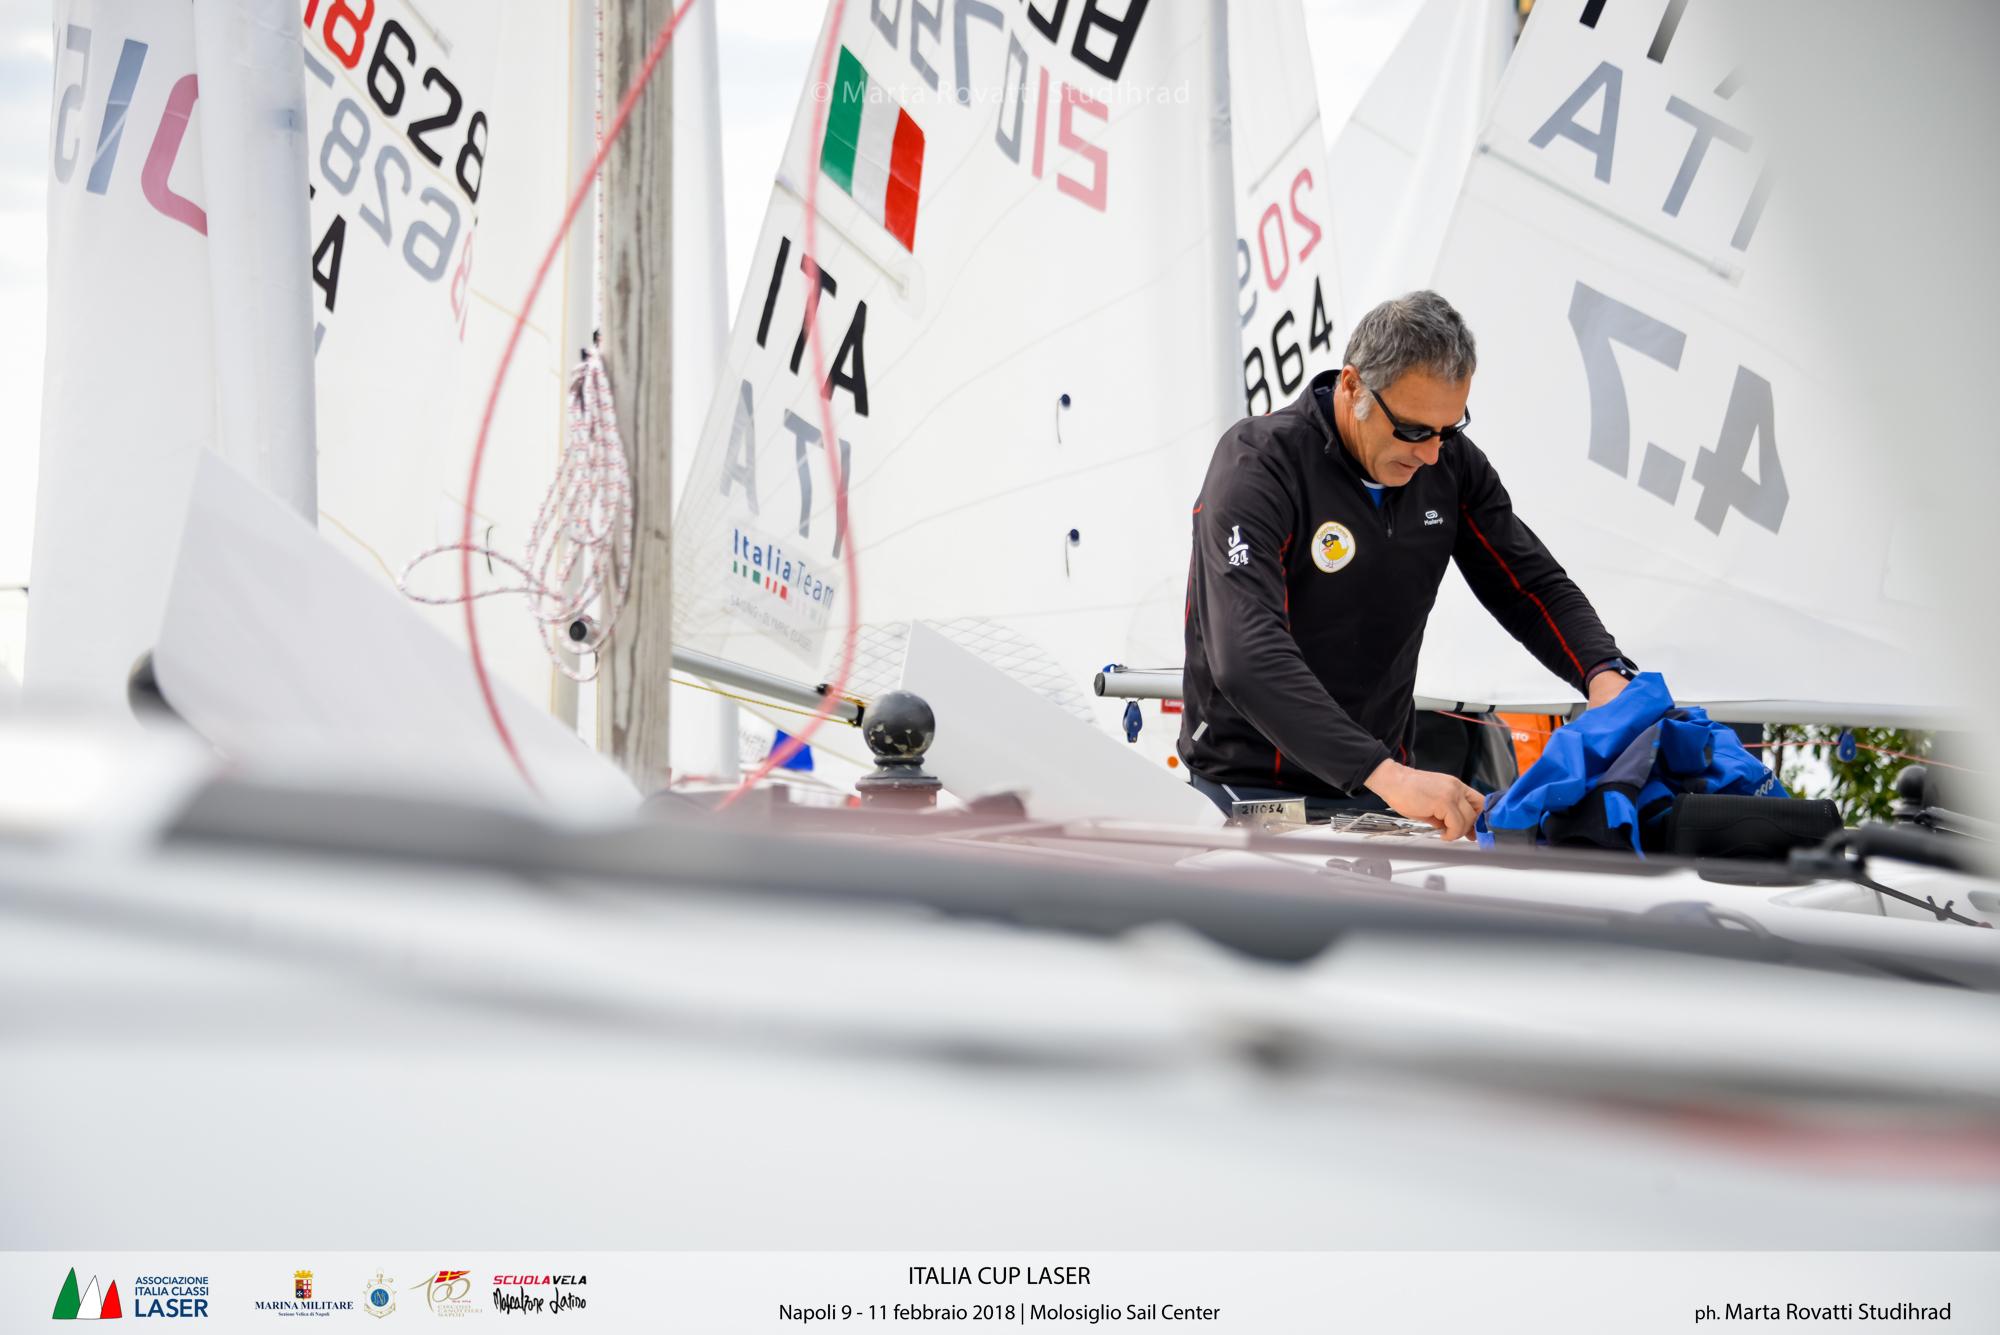 Associazione-Italia-Classi-Laser-2018-NapoliMGR_4415